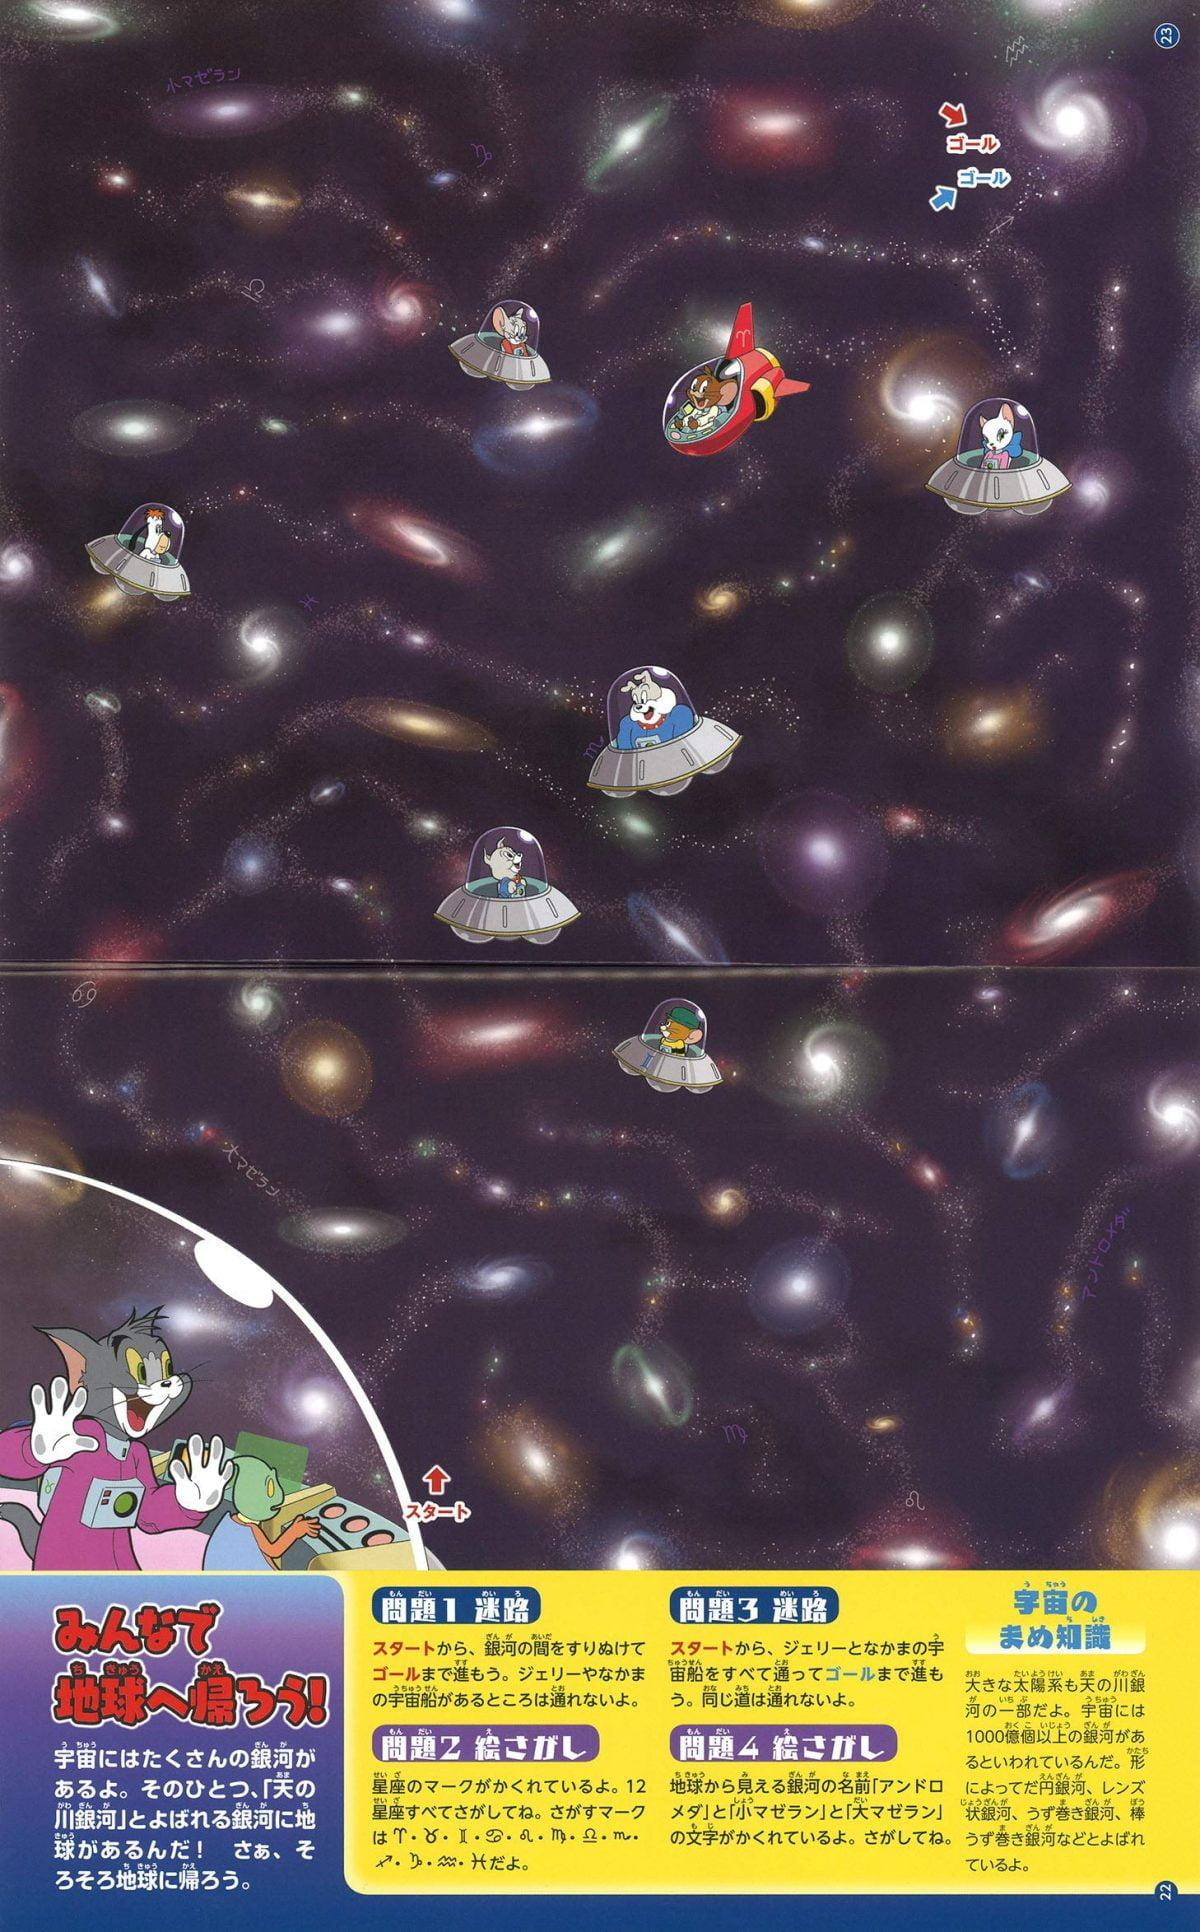 絵本「トムとジェリーの宇宙の迷路」の一コマ2